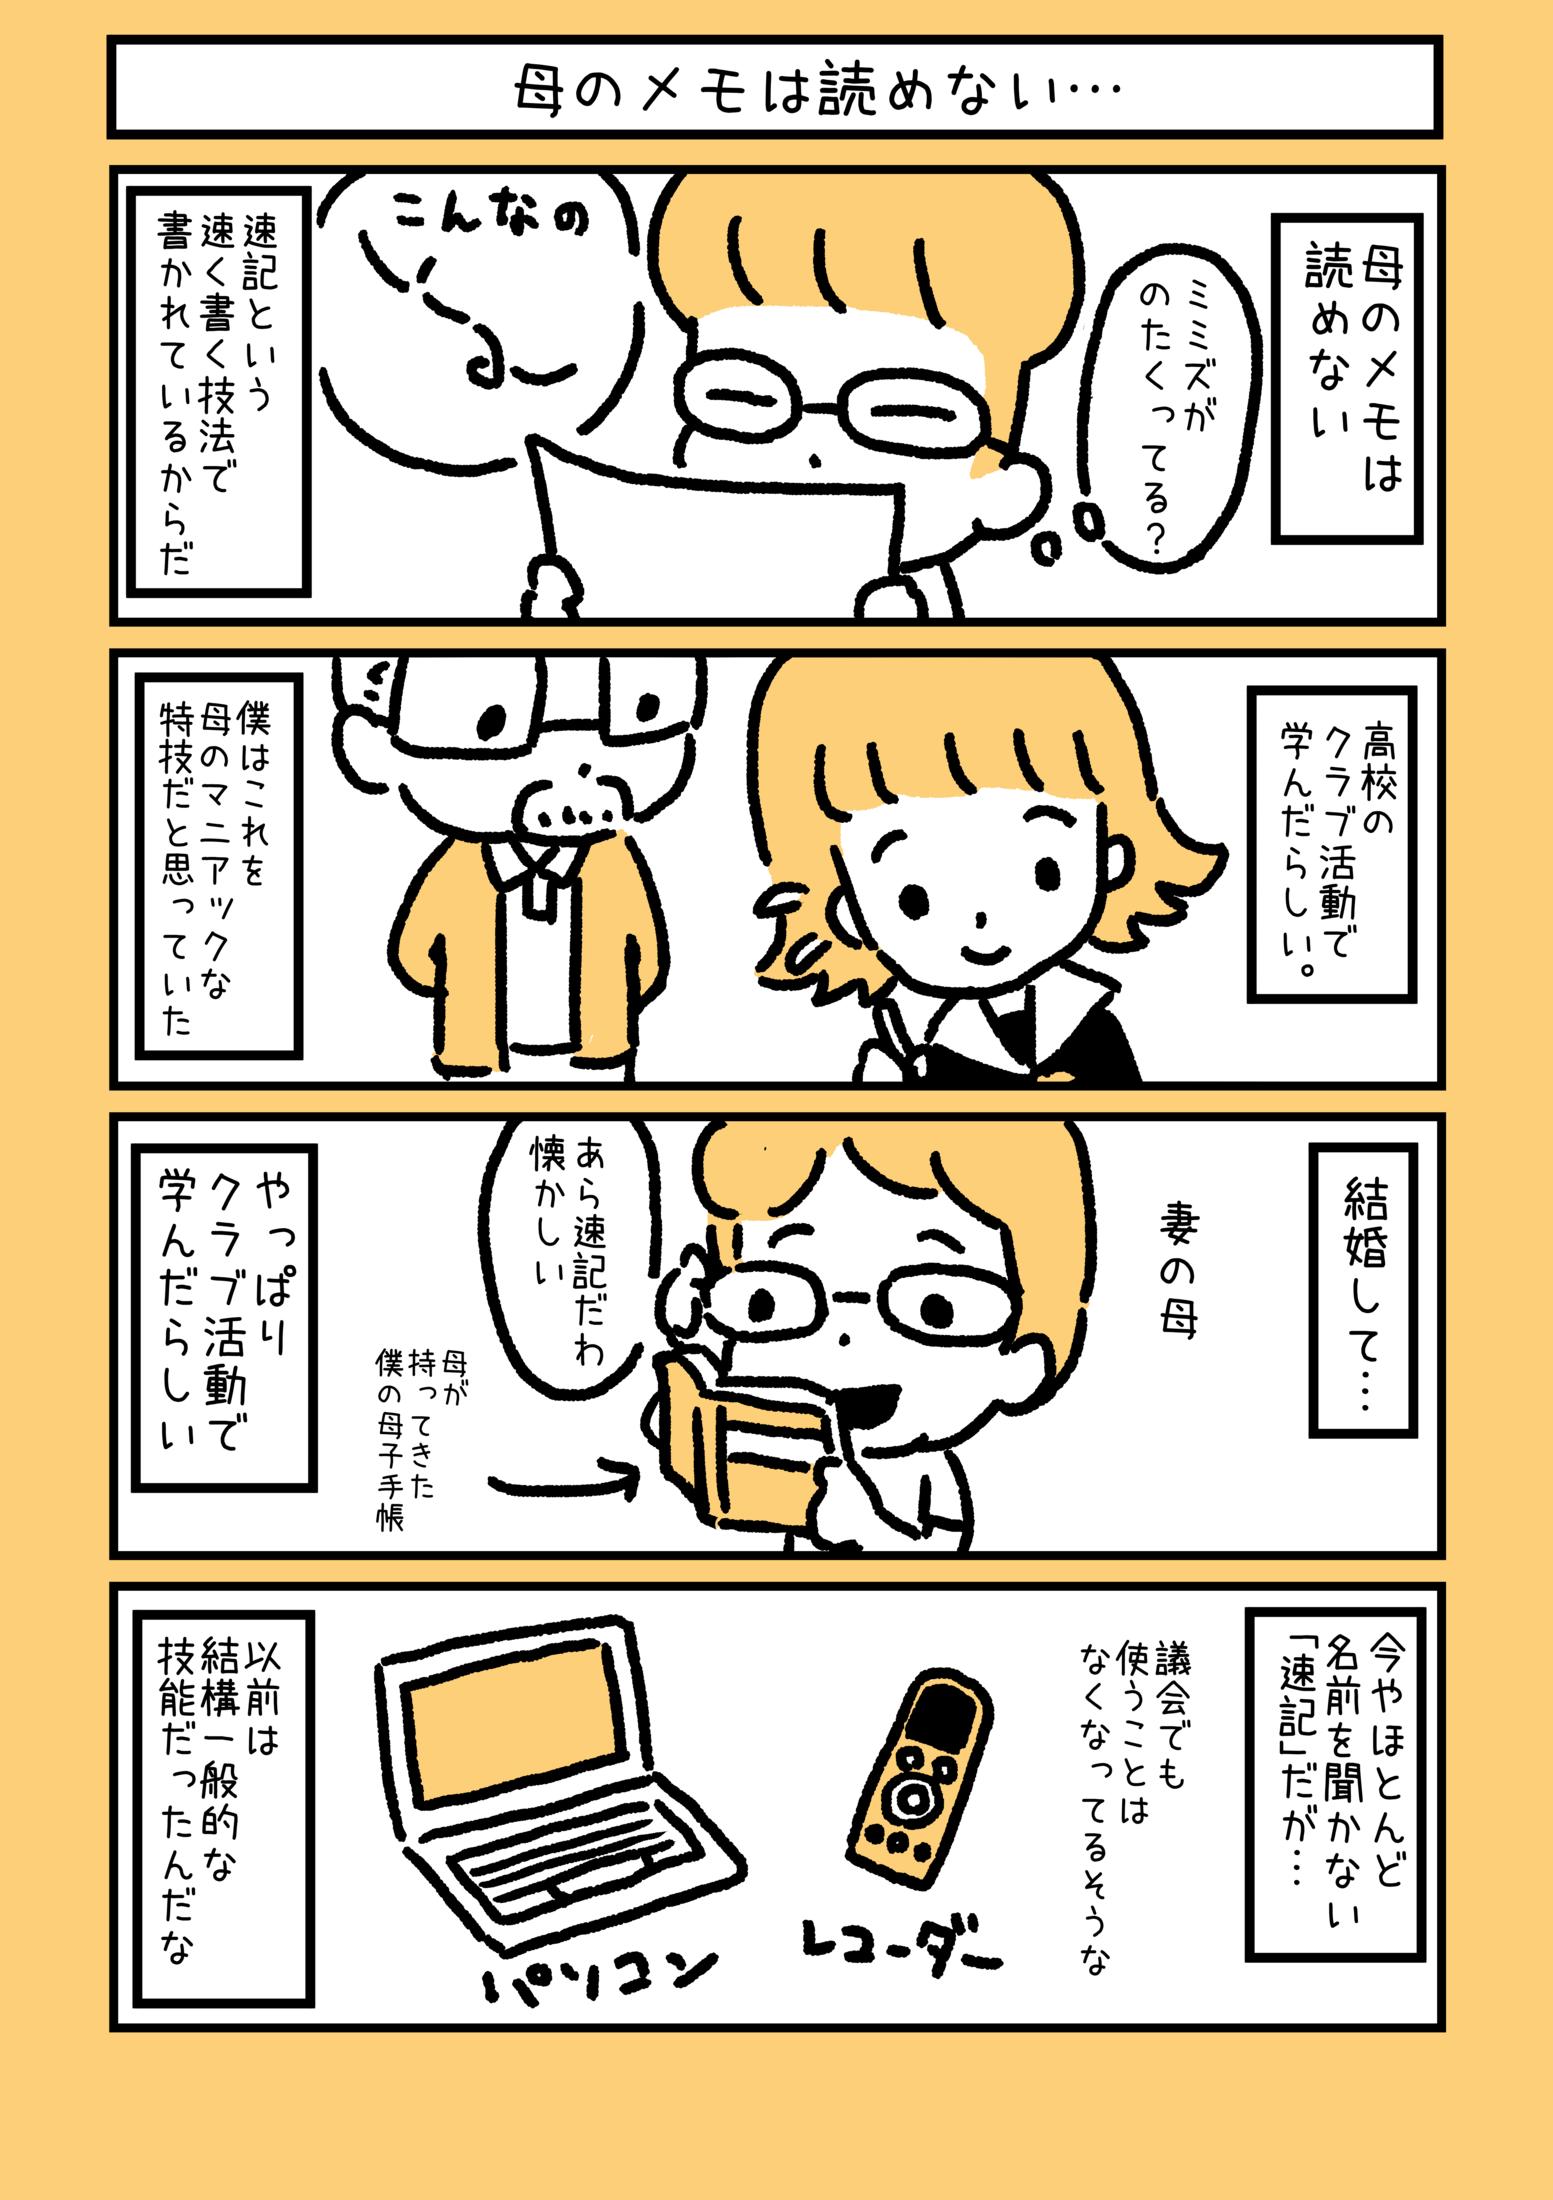 f:id:morinokmichi:20180621163324p:plain